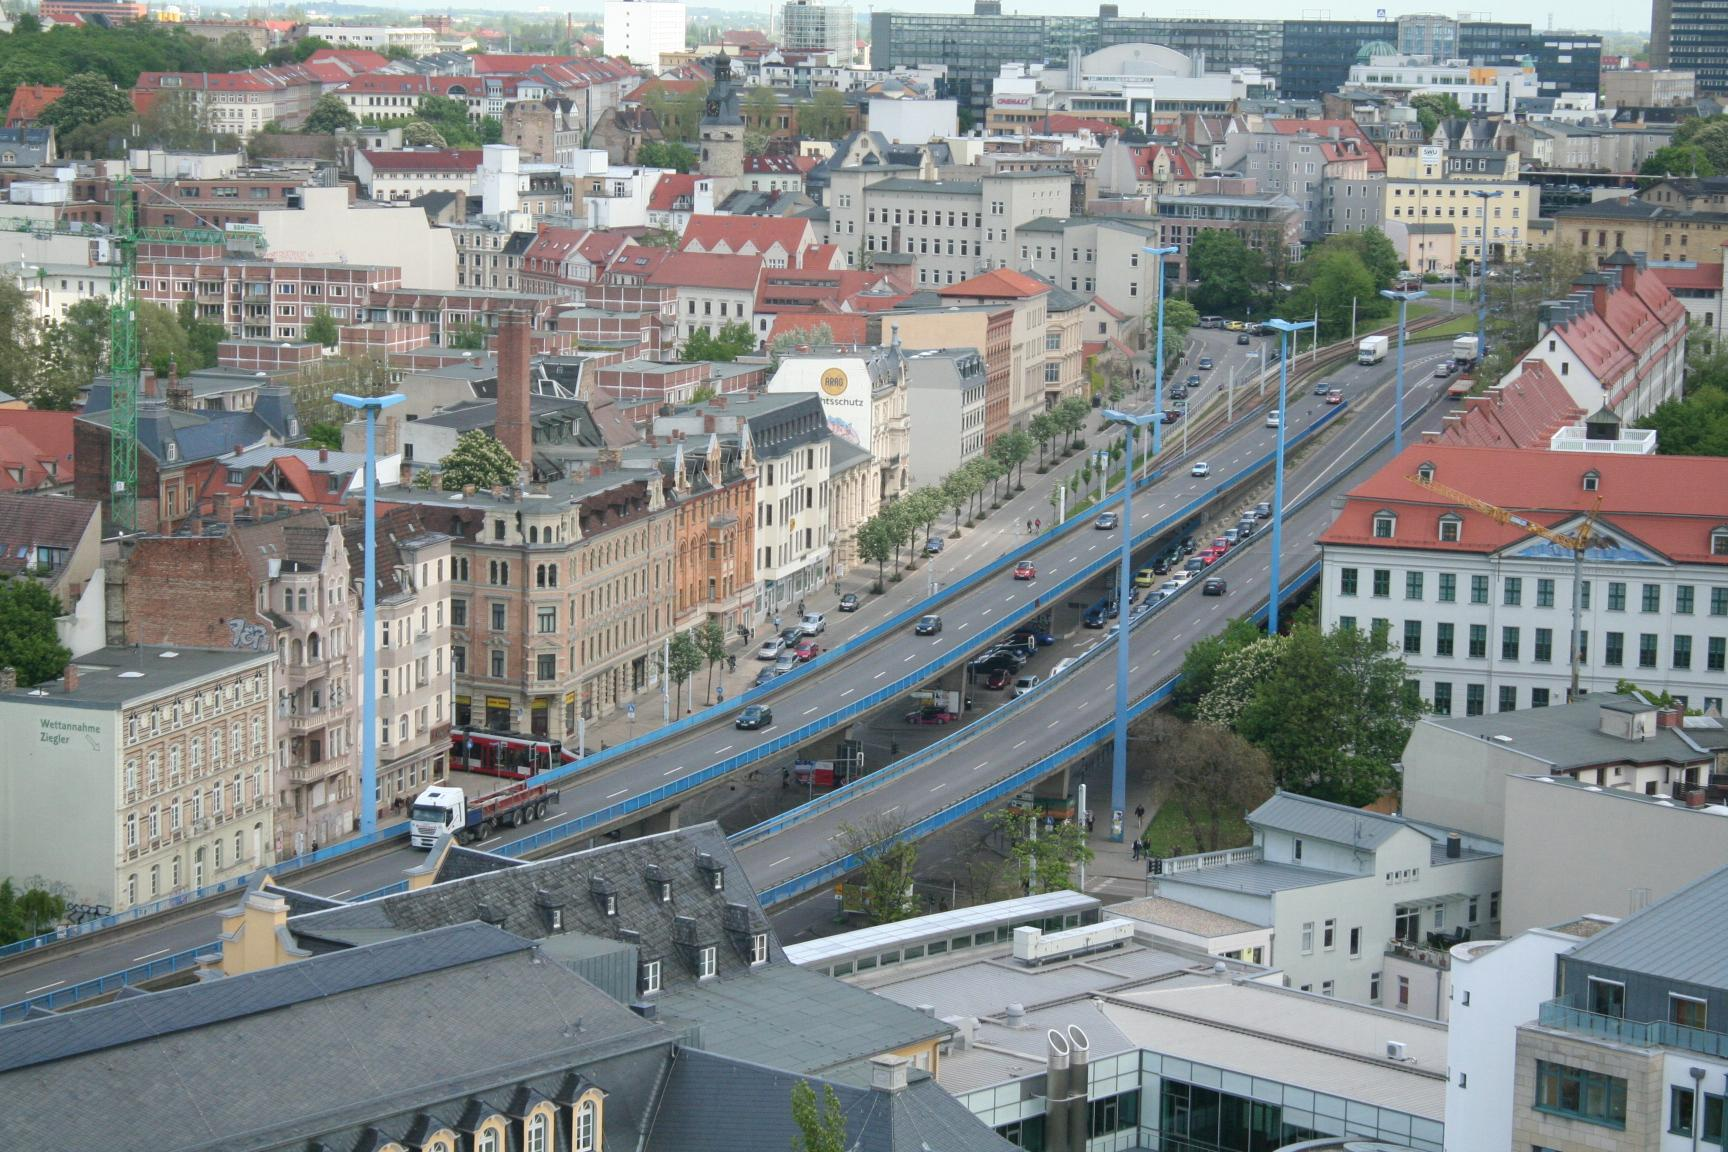 Blick auf den Franckeplatz